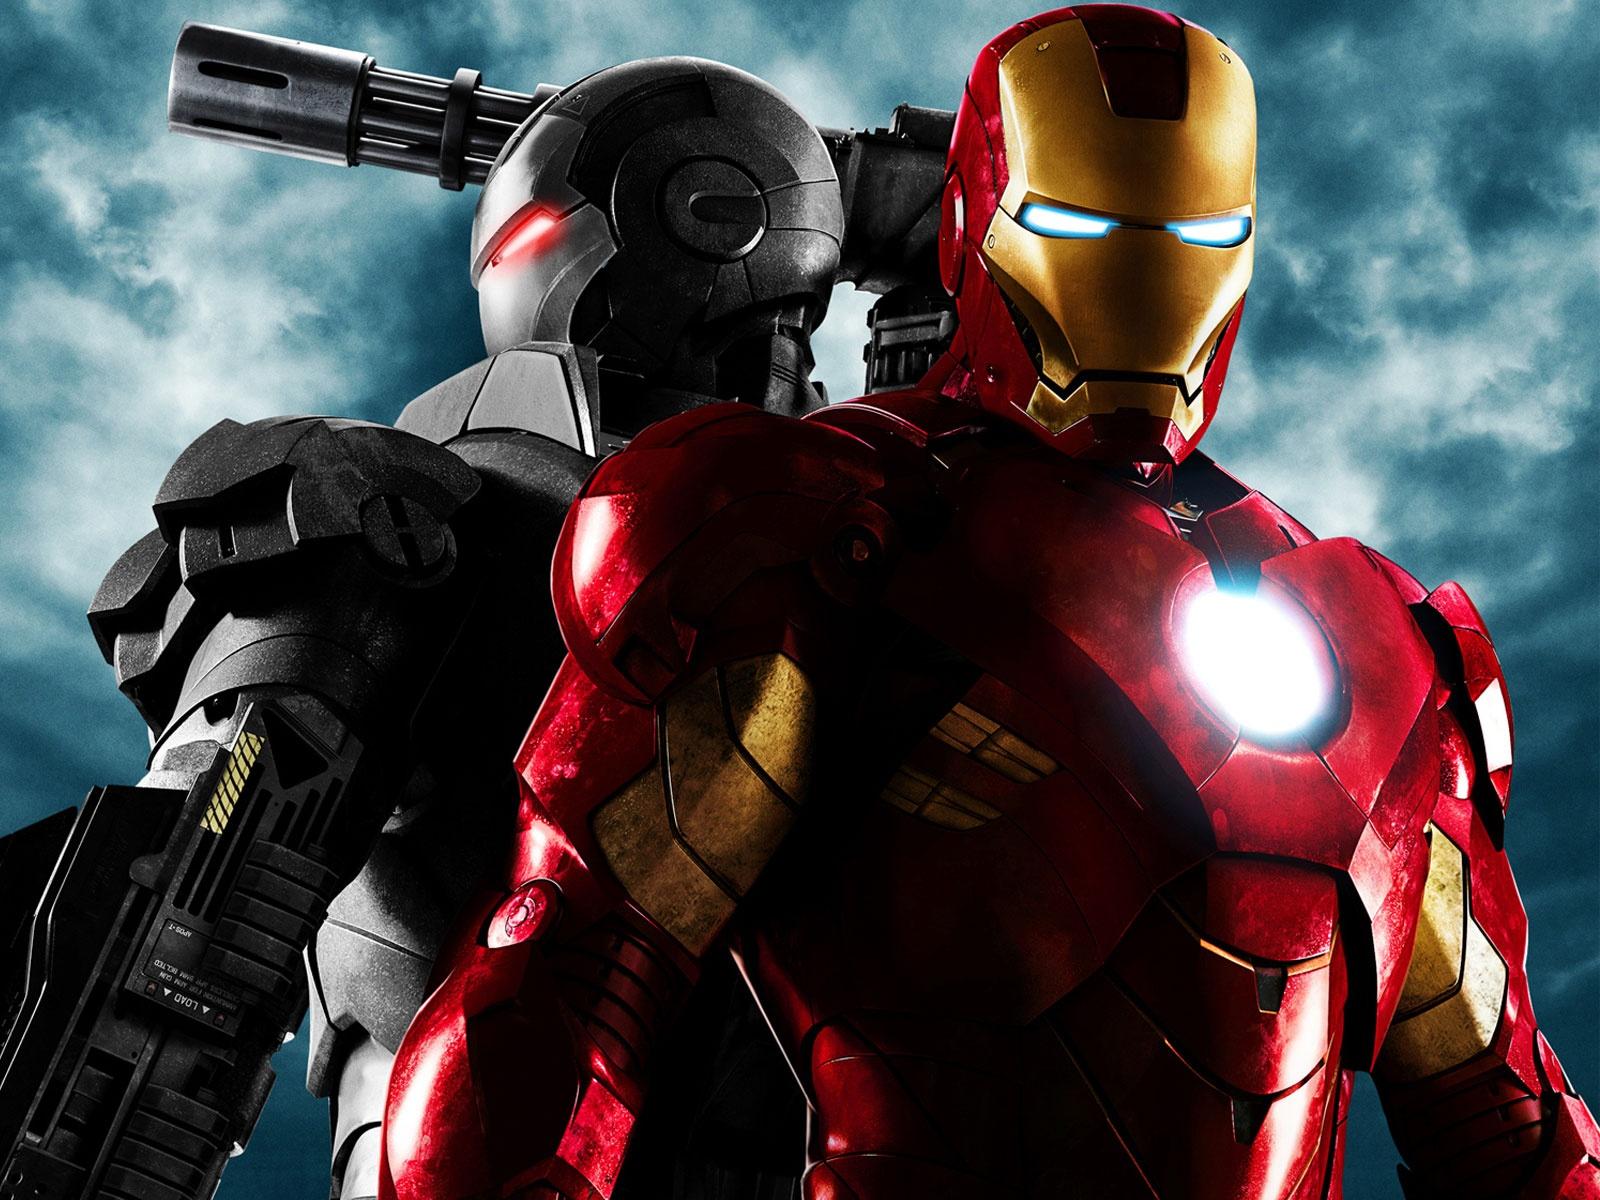 Iron man analise completa youtube.